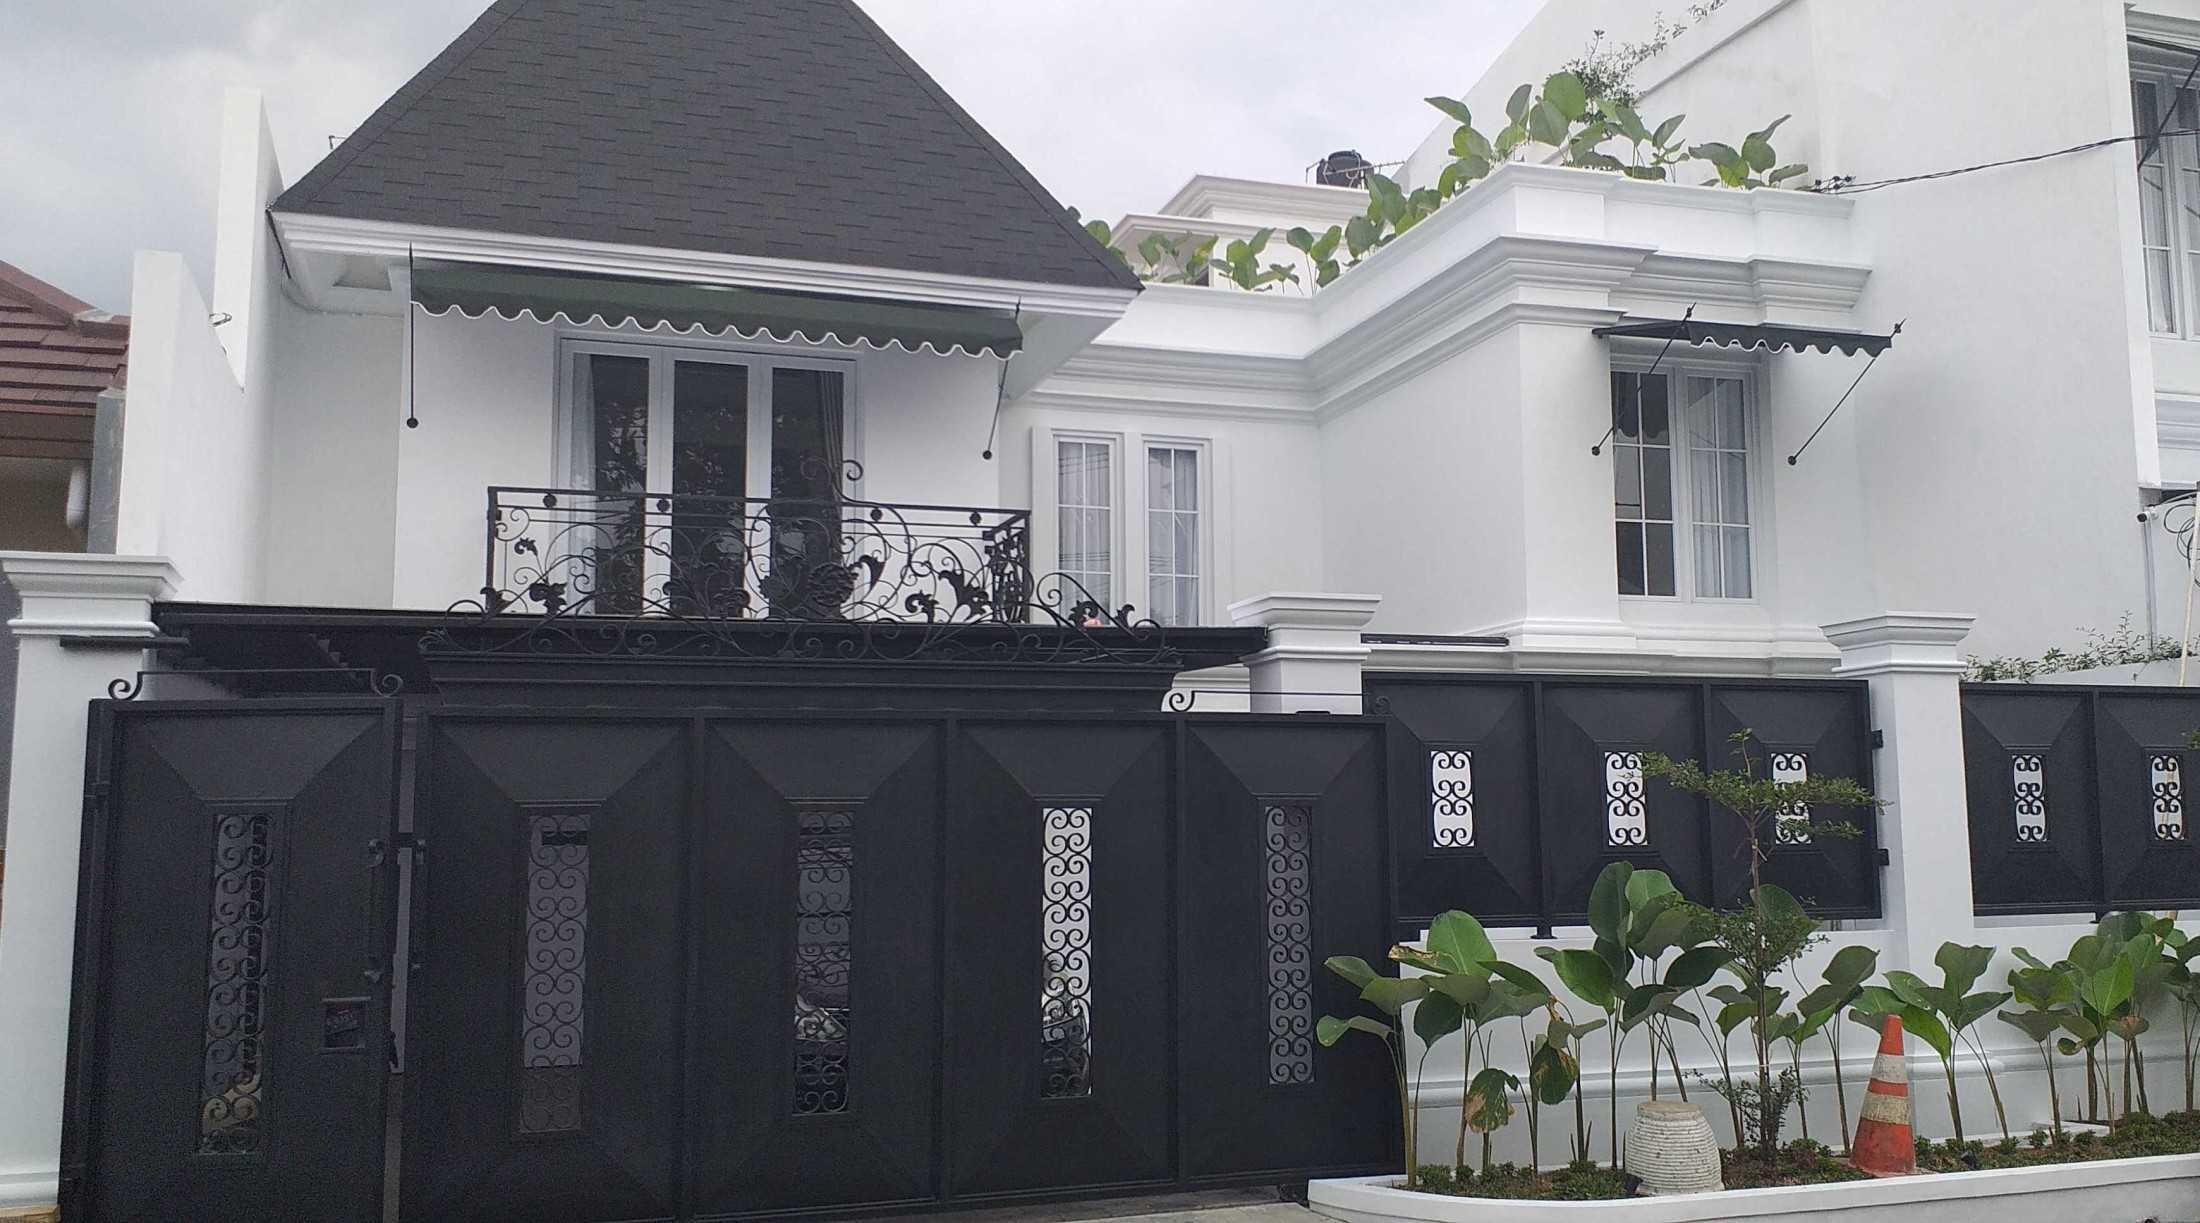 Himbar Buana Konstruksi Cs - House Kec. Margahayu, Bandung, Jawa Barat, Indonesia Kec. Margahayu, Bandung, Jawa Barat, Indonesia Himbar-Buana-Konstruksi-Cs-House  73094